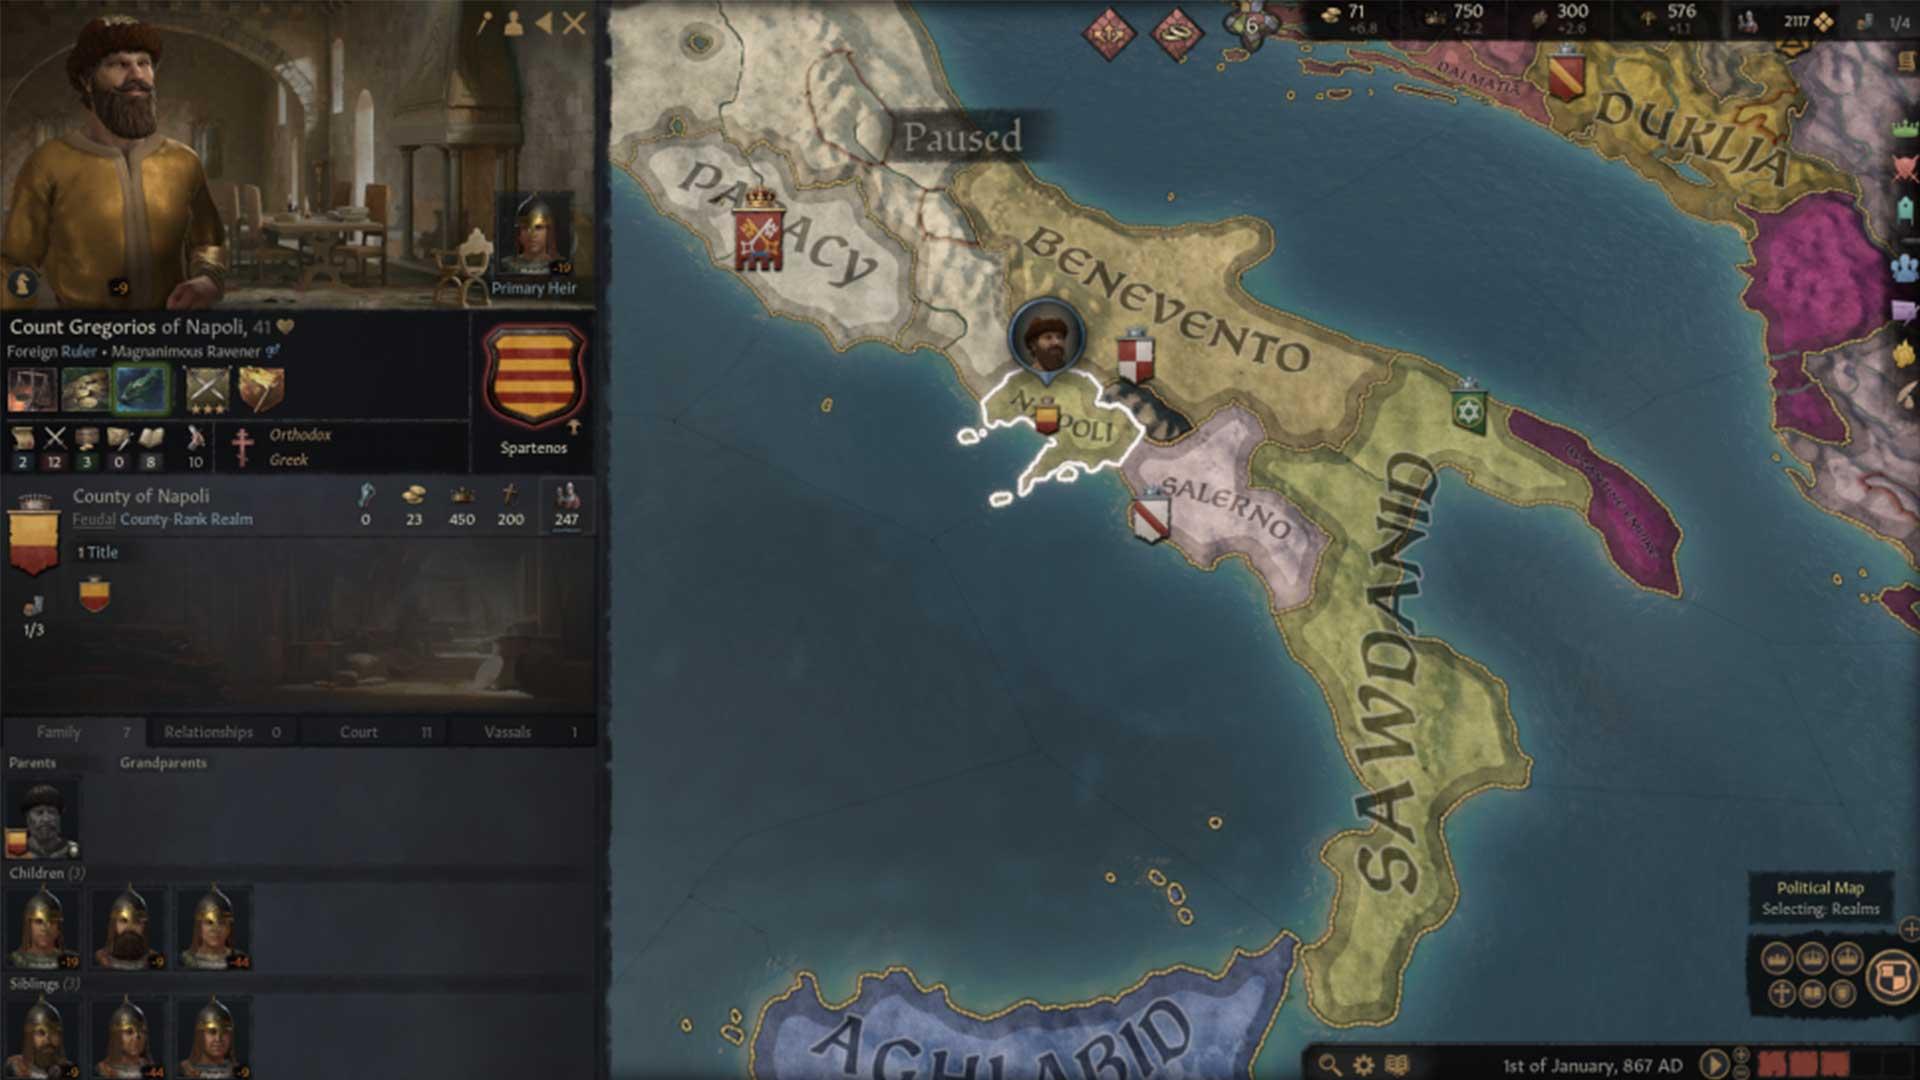 Грегориос Неаполитанский